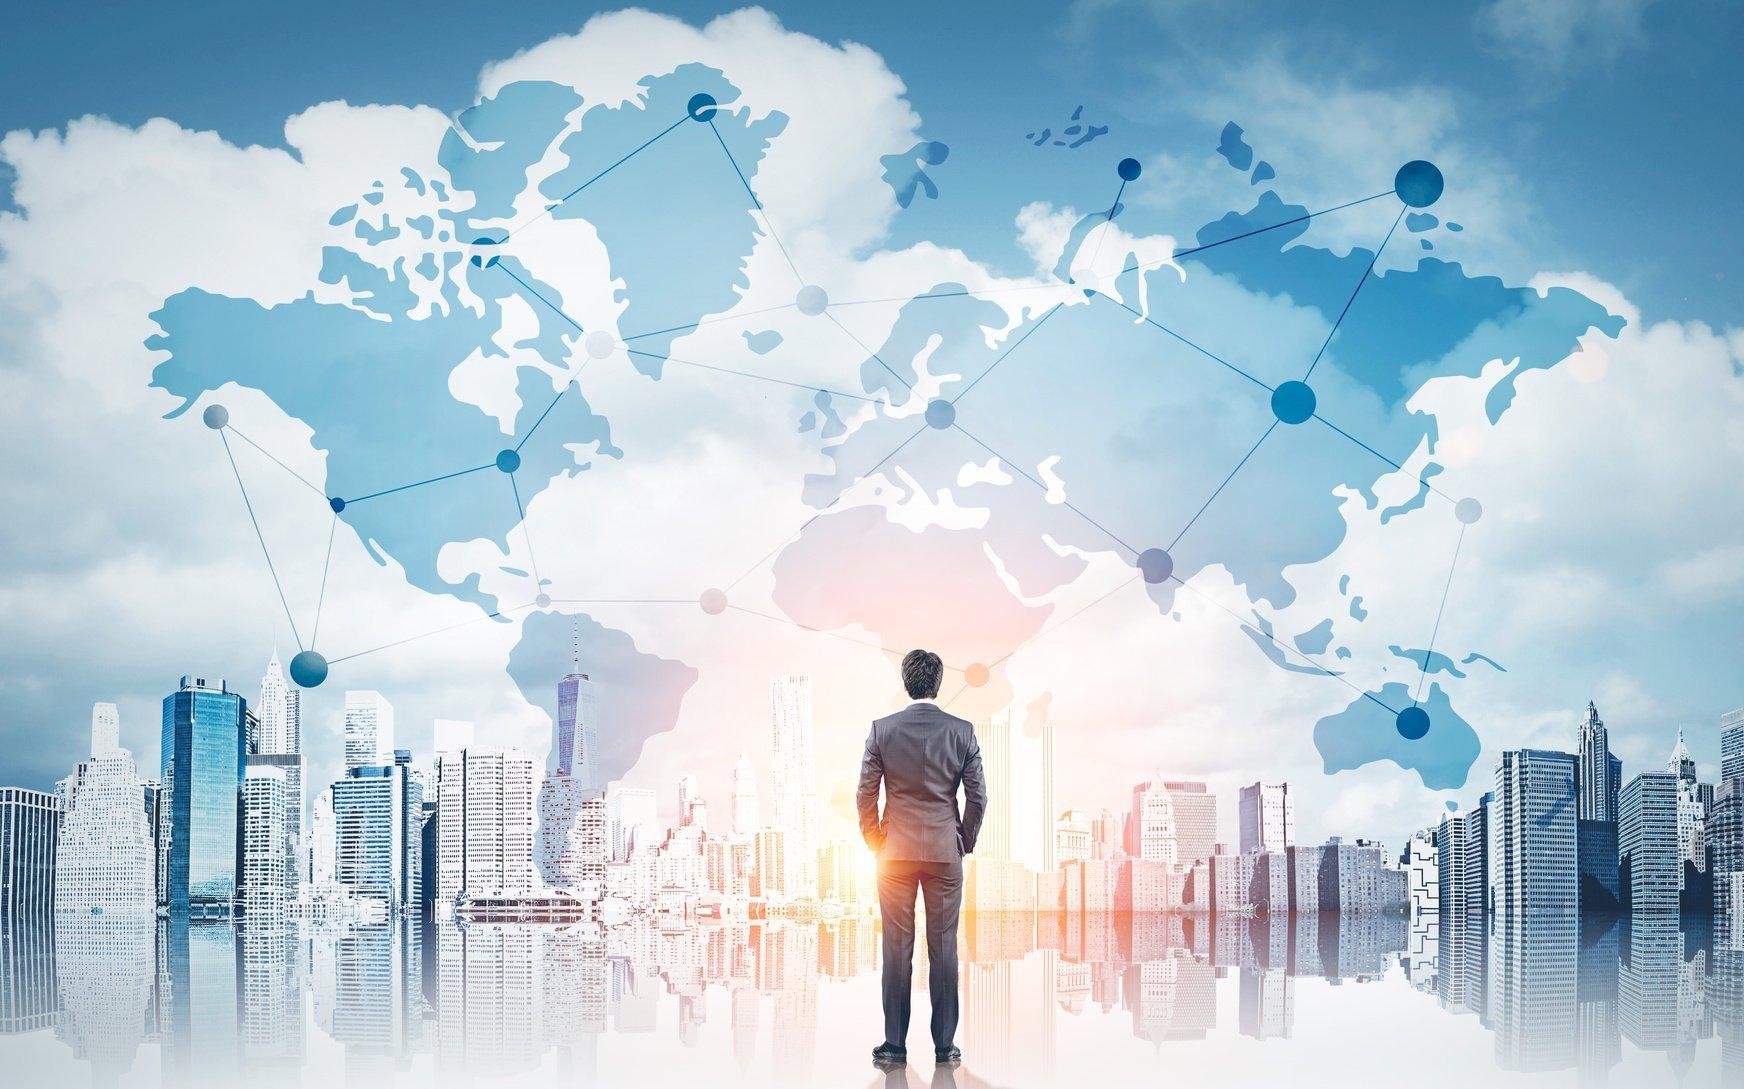 Danh sách ngành nghề kinh doanh có điều kiện